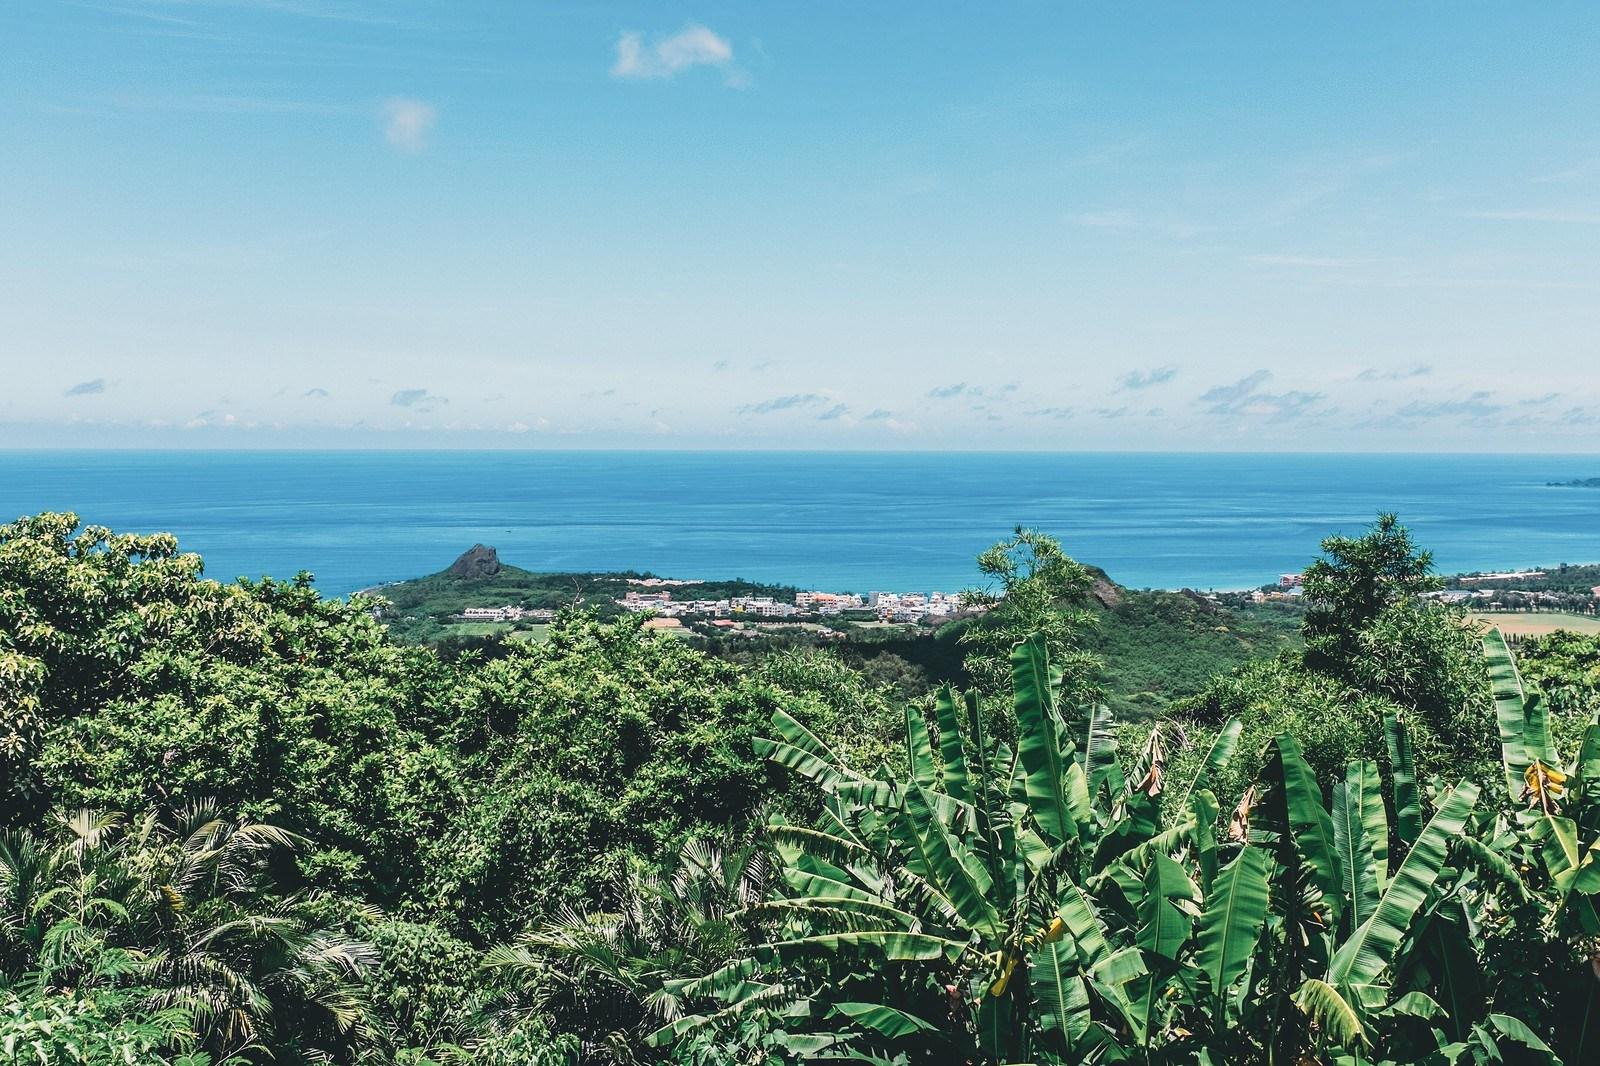 Vista del Pacífico desde Kenting